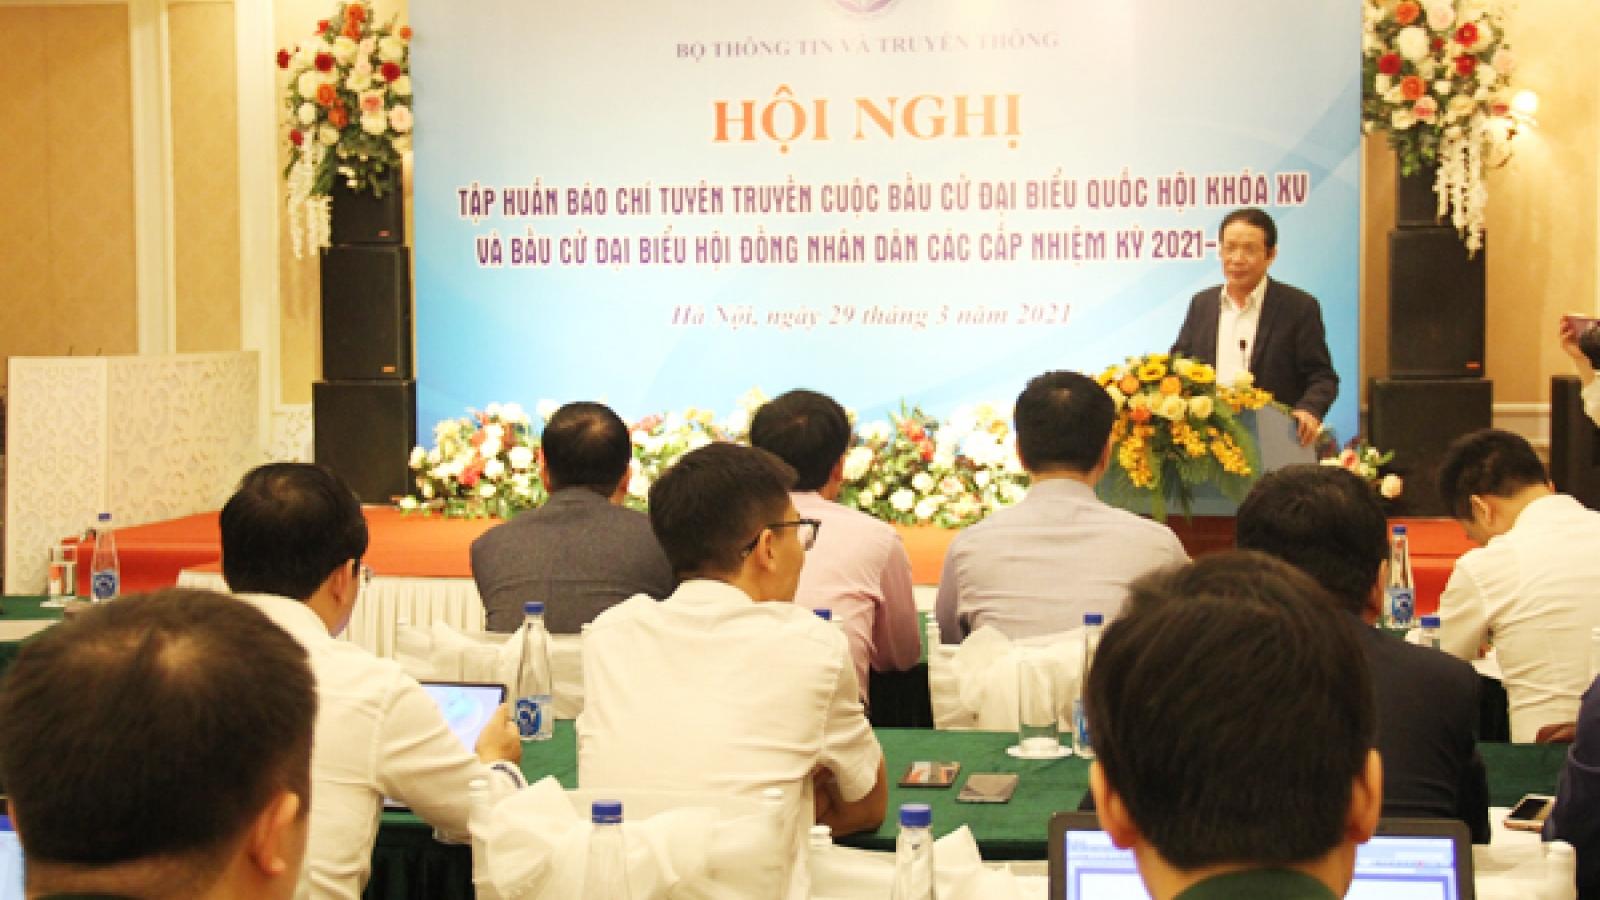 200 phóng viên tập huấn tuyên truyền về bầu cử đại biểu Quốc hội và HĐND